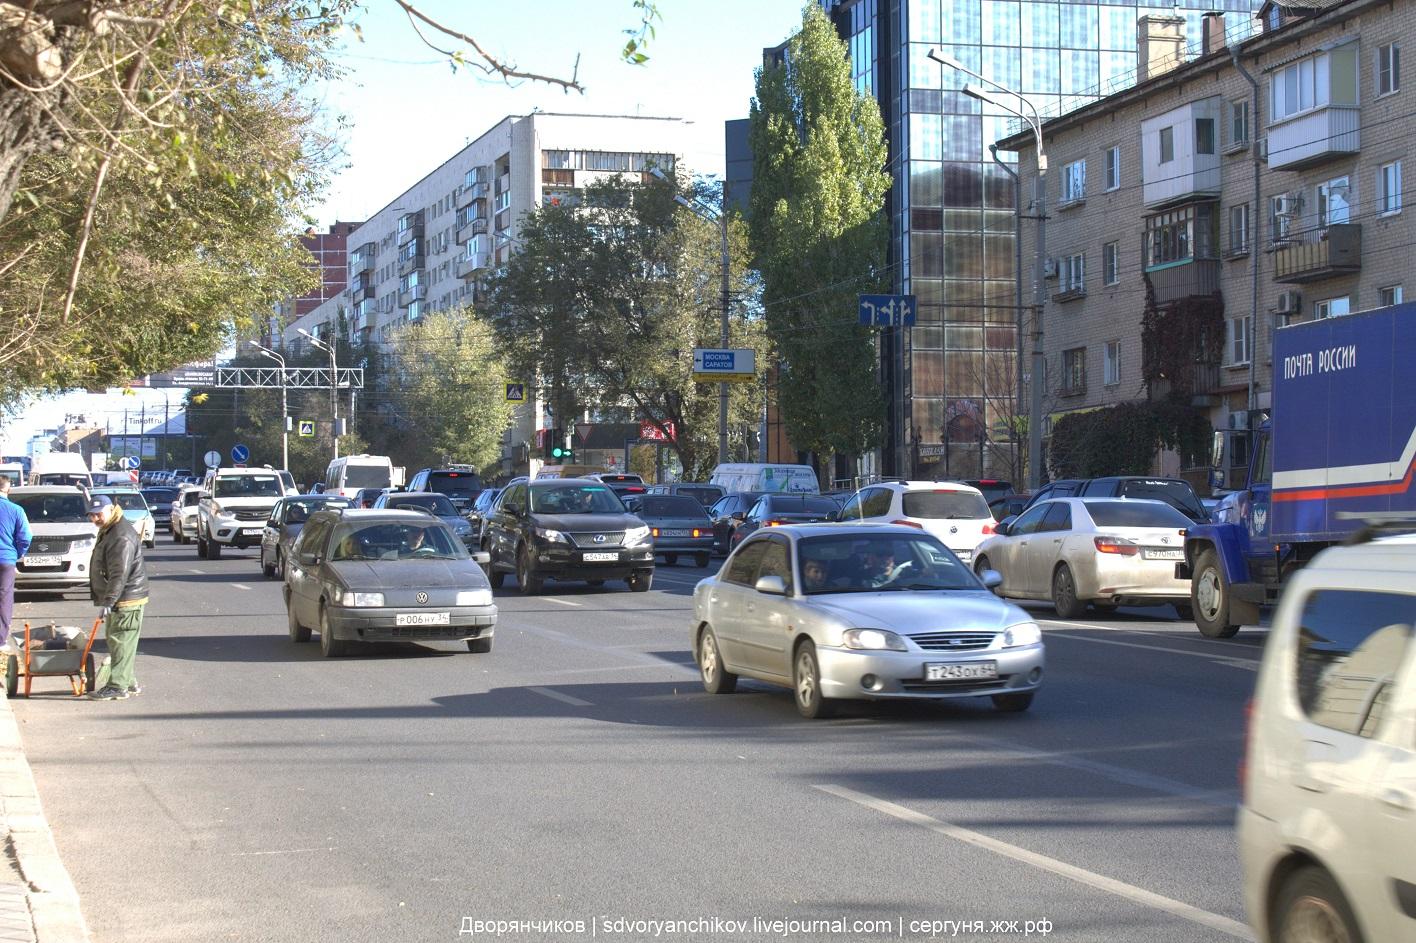 Волгоград - 24 октября 2016